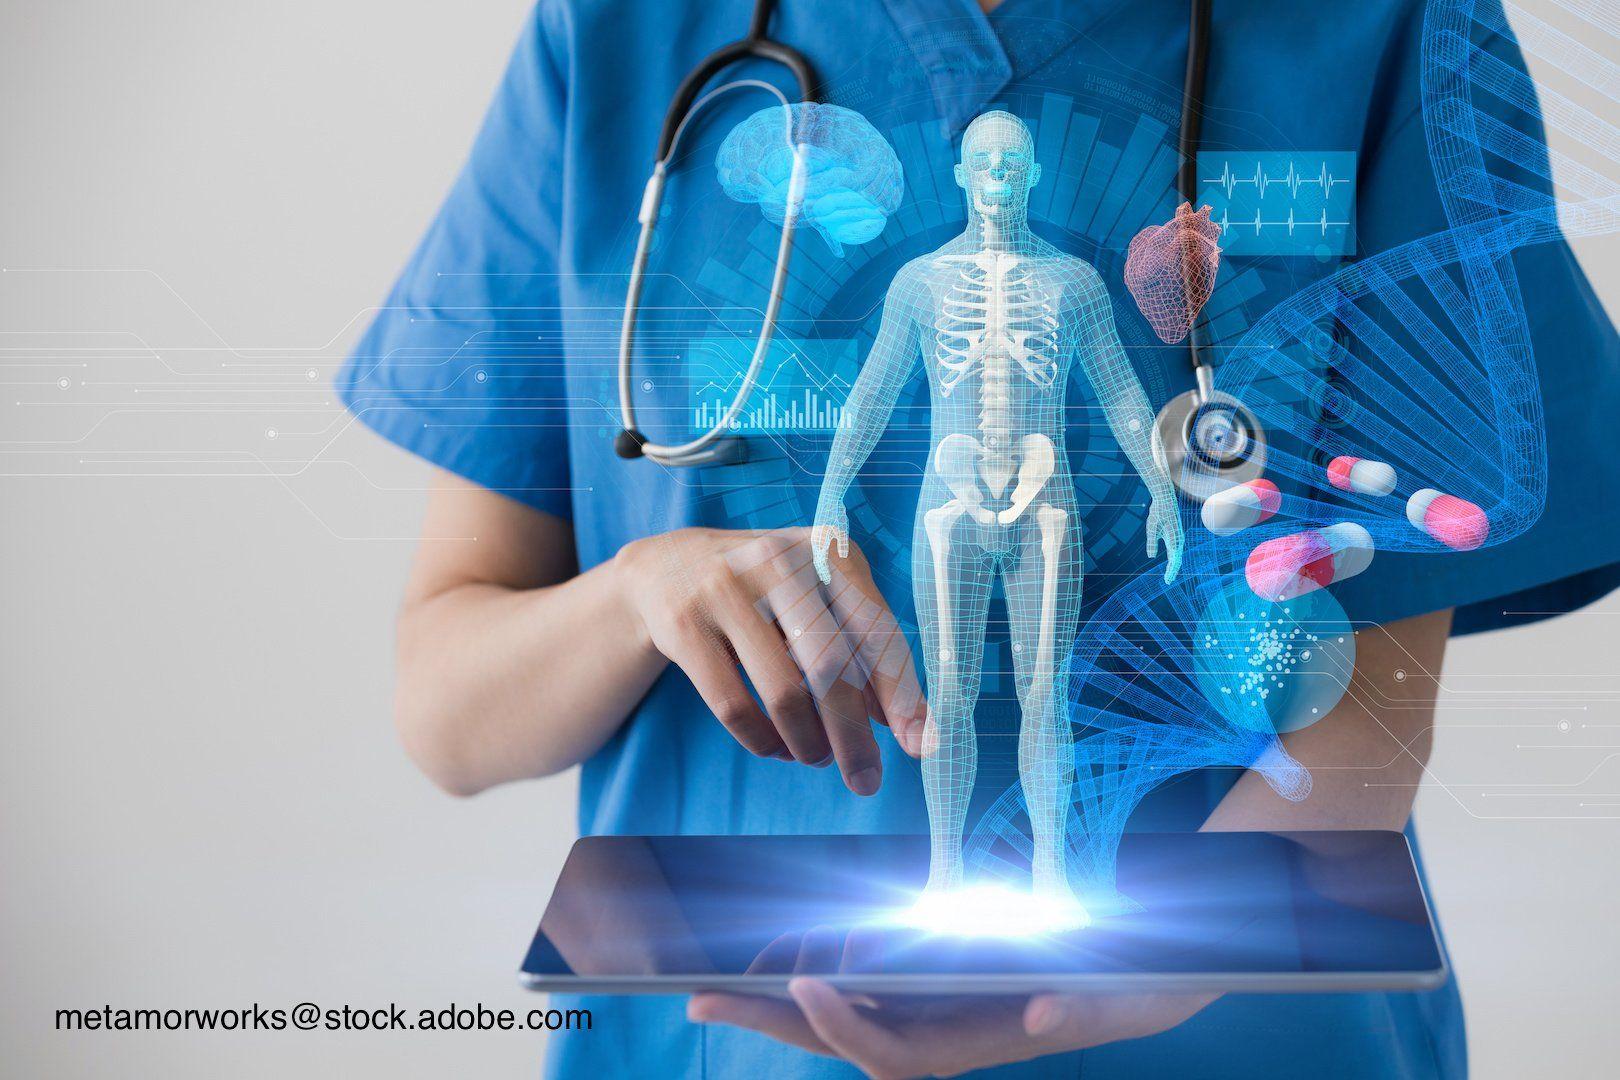 AI in pediatrics: Past, present, and future